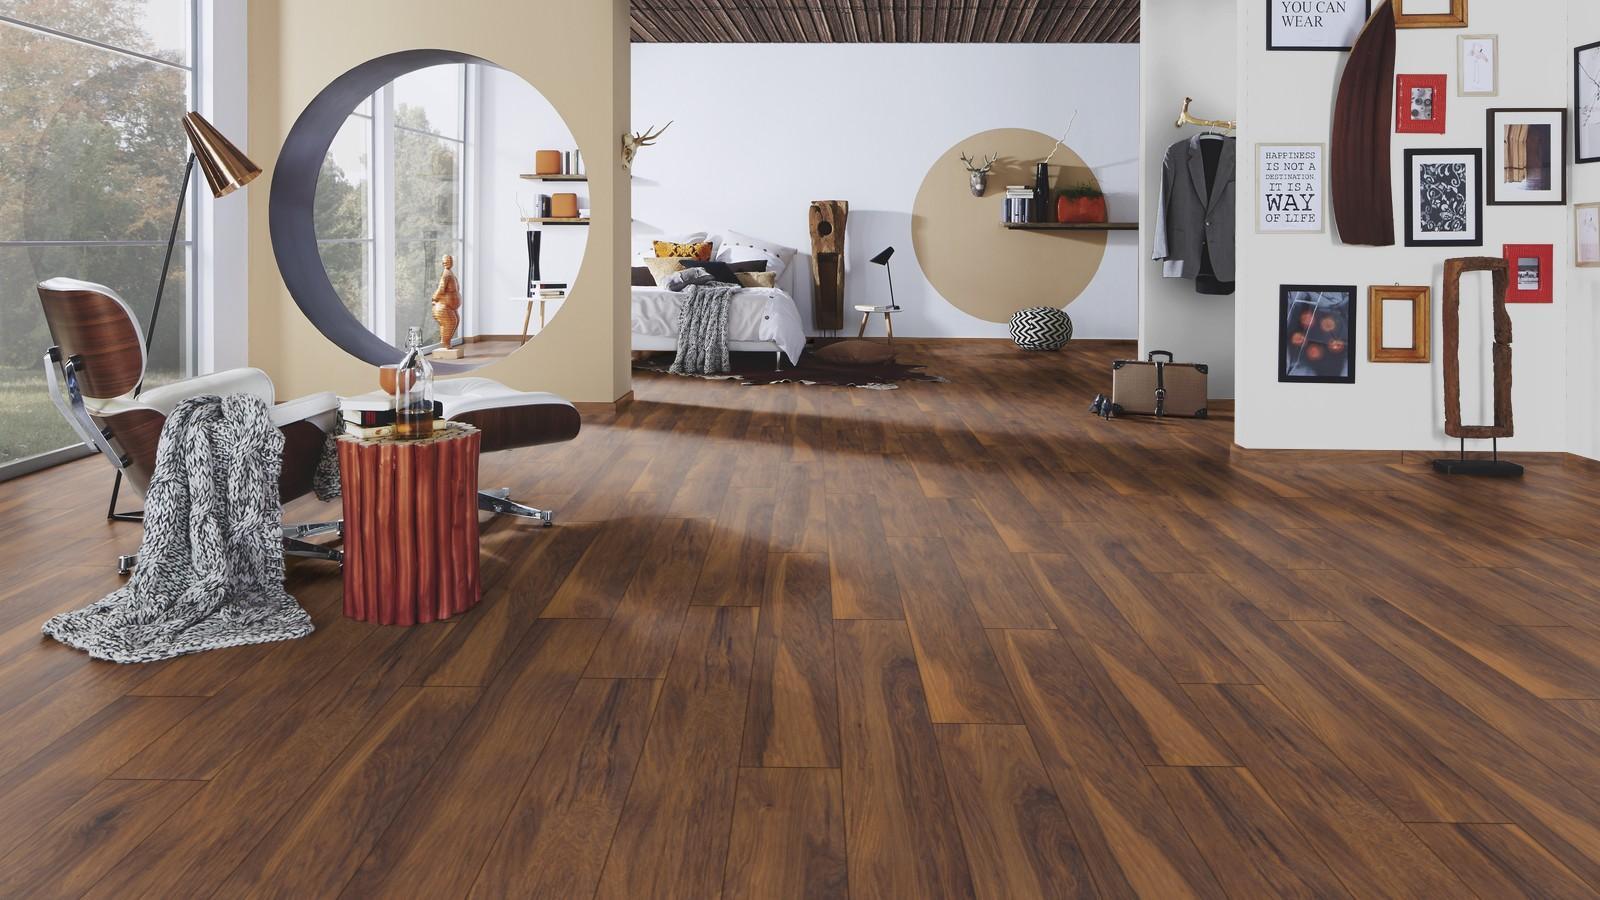 Giới thiệu các loại gỗ lát sàn tốt được ưa chuộng nhất hiện nay